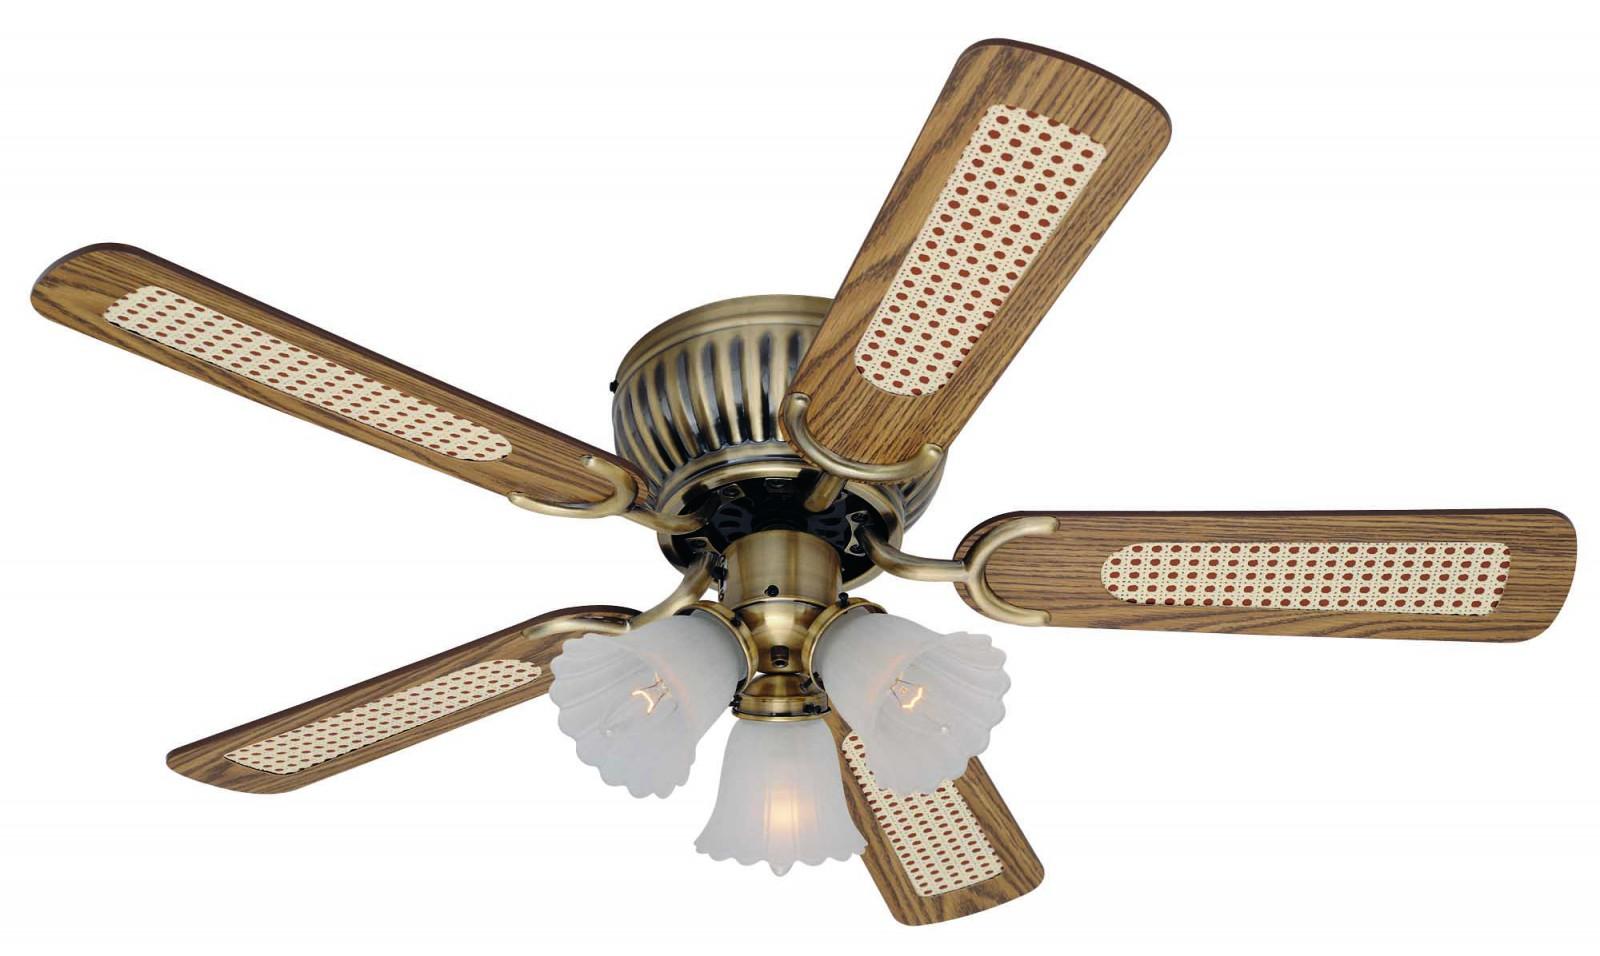 Ceiling fan kisa brass antique 105 cm 41 for low for Ikea ventilatori da soffitto